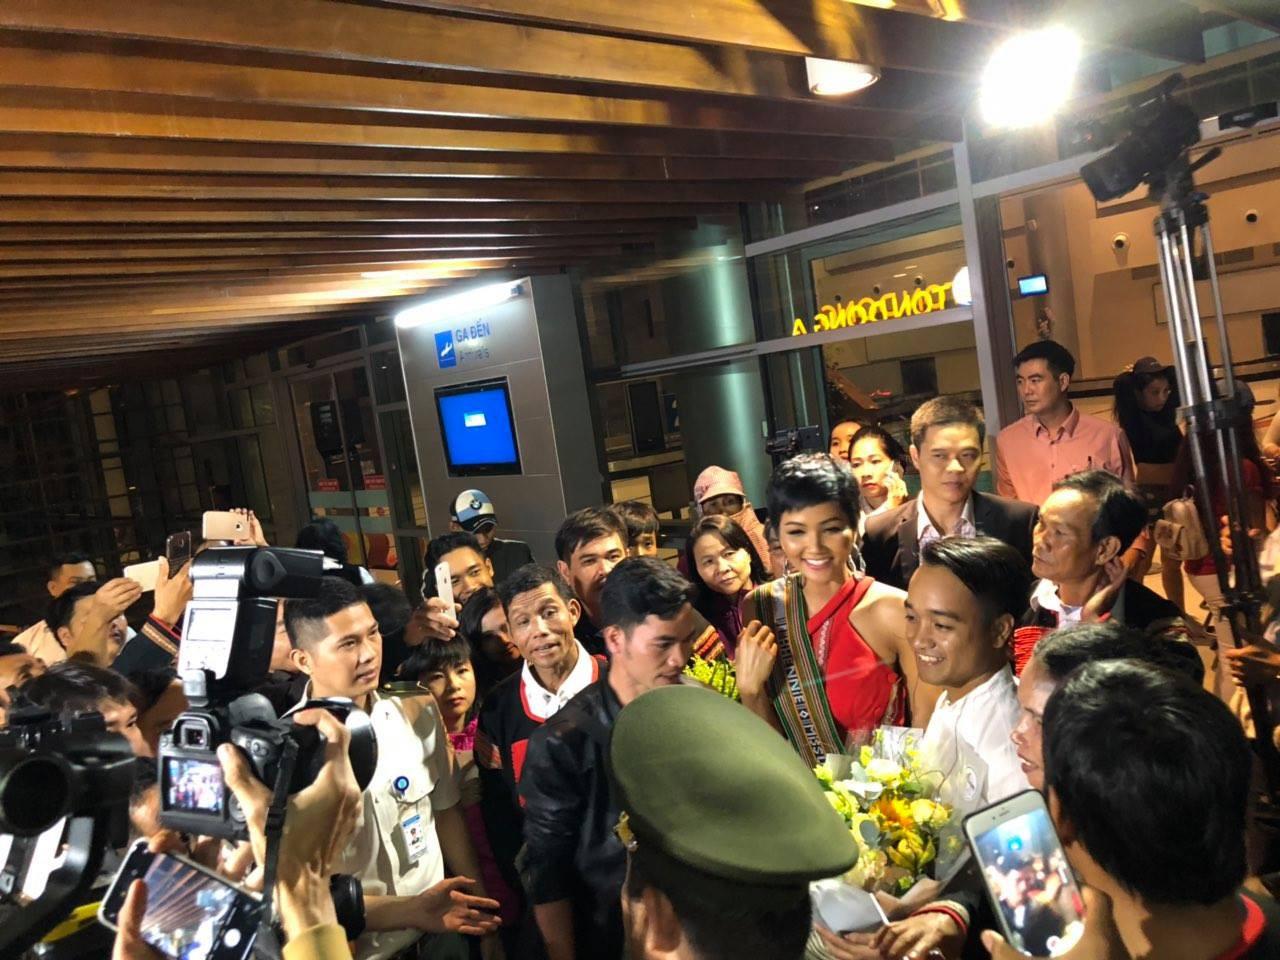 HHen Niê hạnh phúc trở về trong vòng tay chào đón của người dân Đăk Lăk sau thành tích Top 5 Miss Universe 2018 - Ảnh 1.